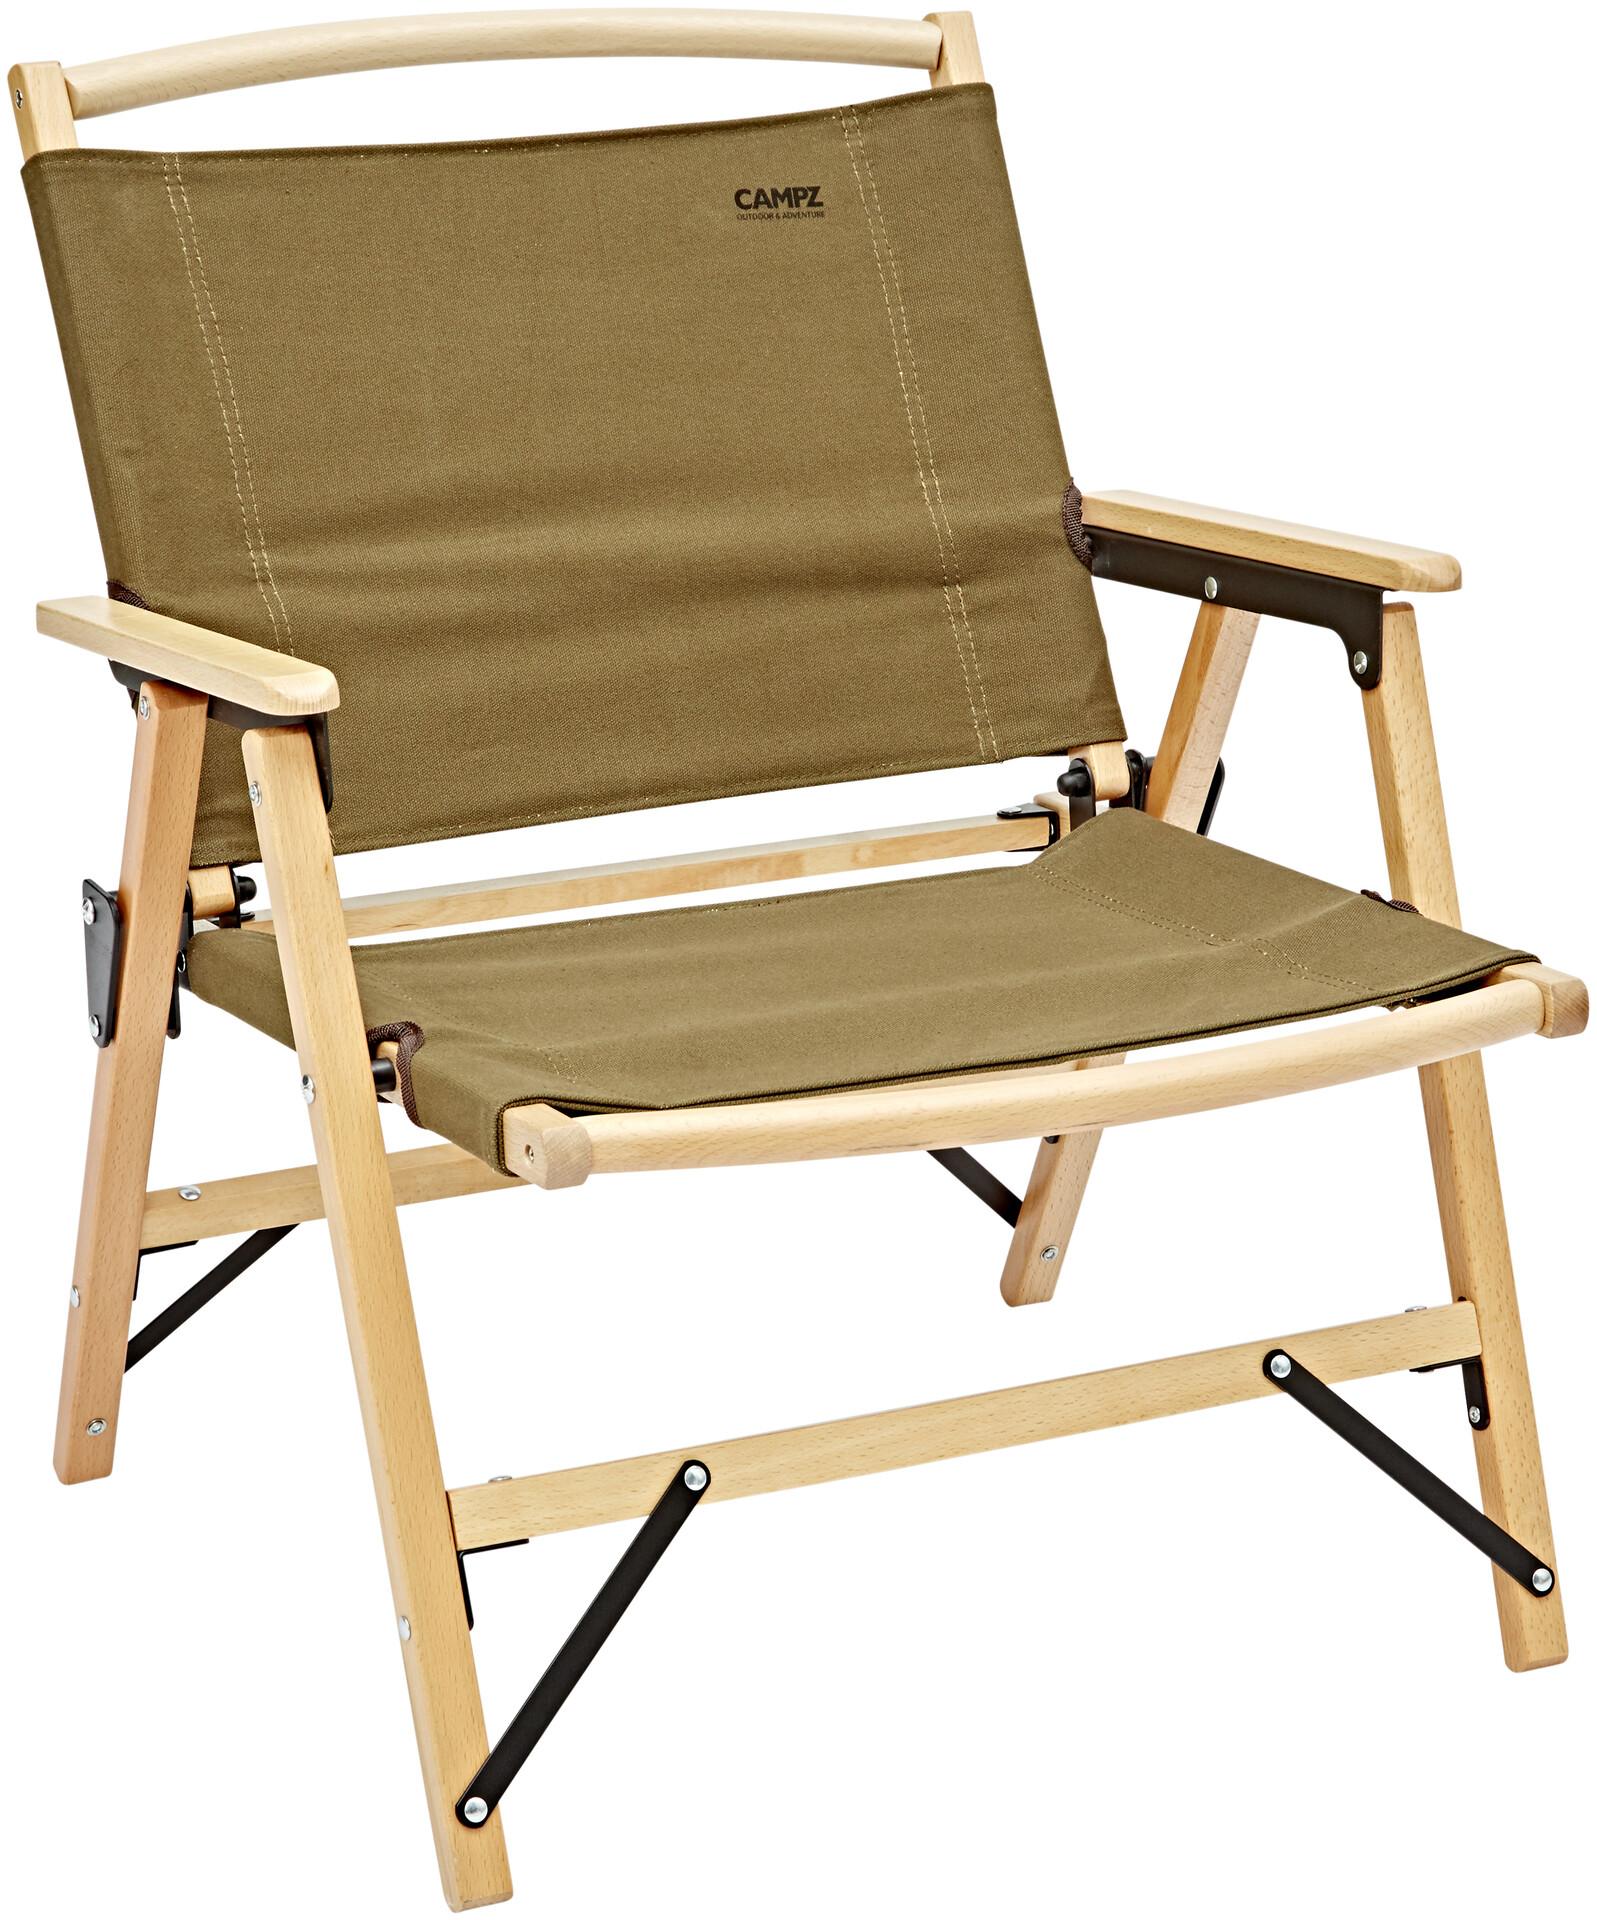 Campz WoodBrown Beech Comfort Foldable Chair nwX0OPk8